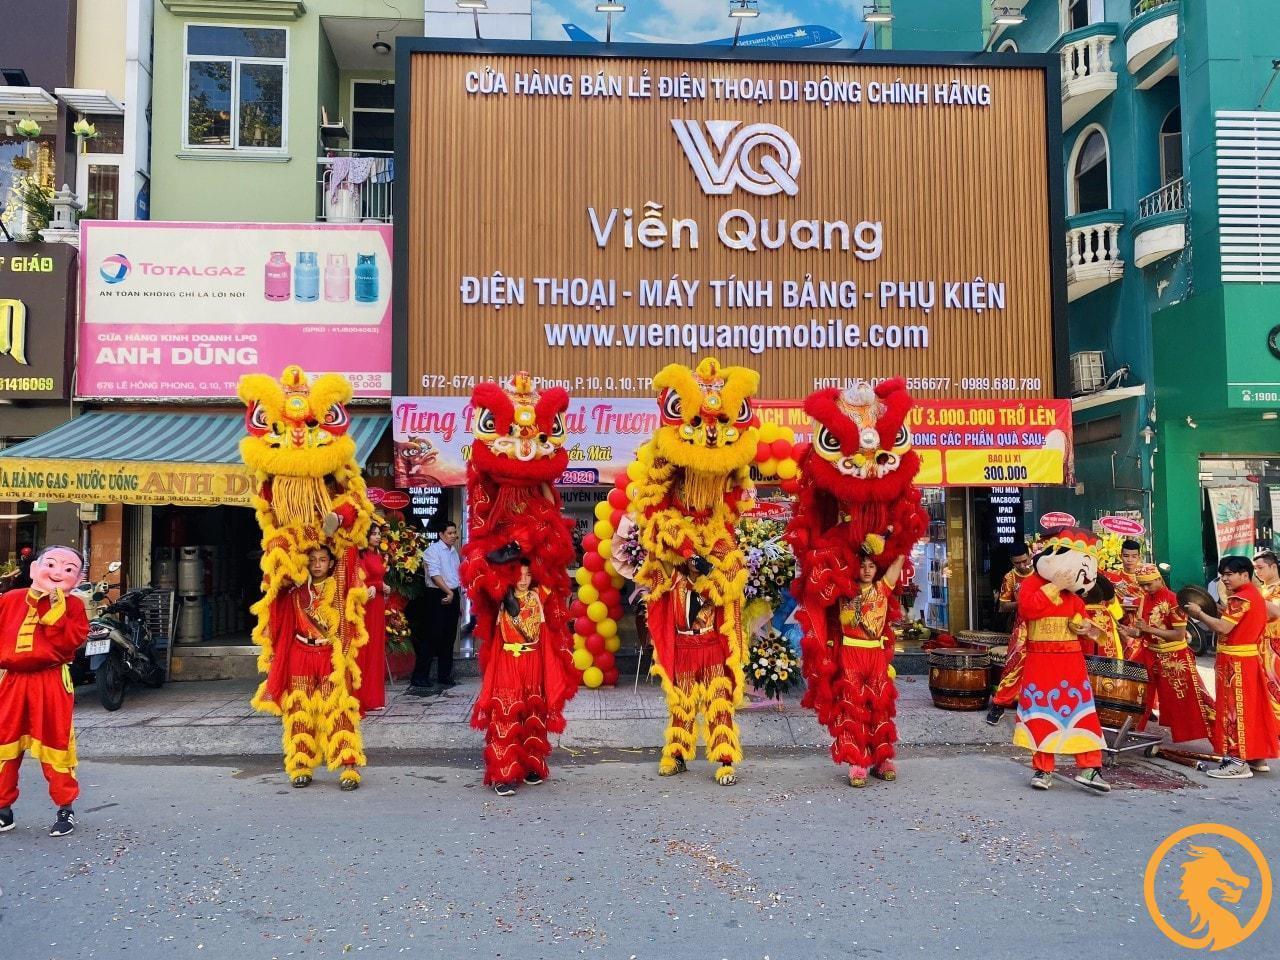 Dịch vụ lân sư rồng khai trương tại TP Vinh, Nghệ An